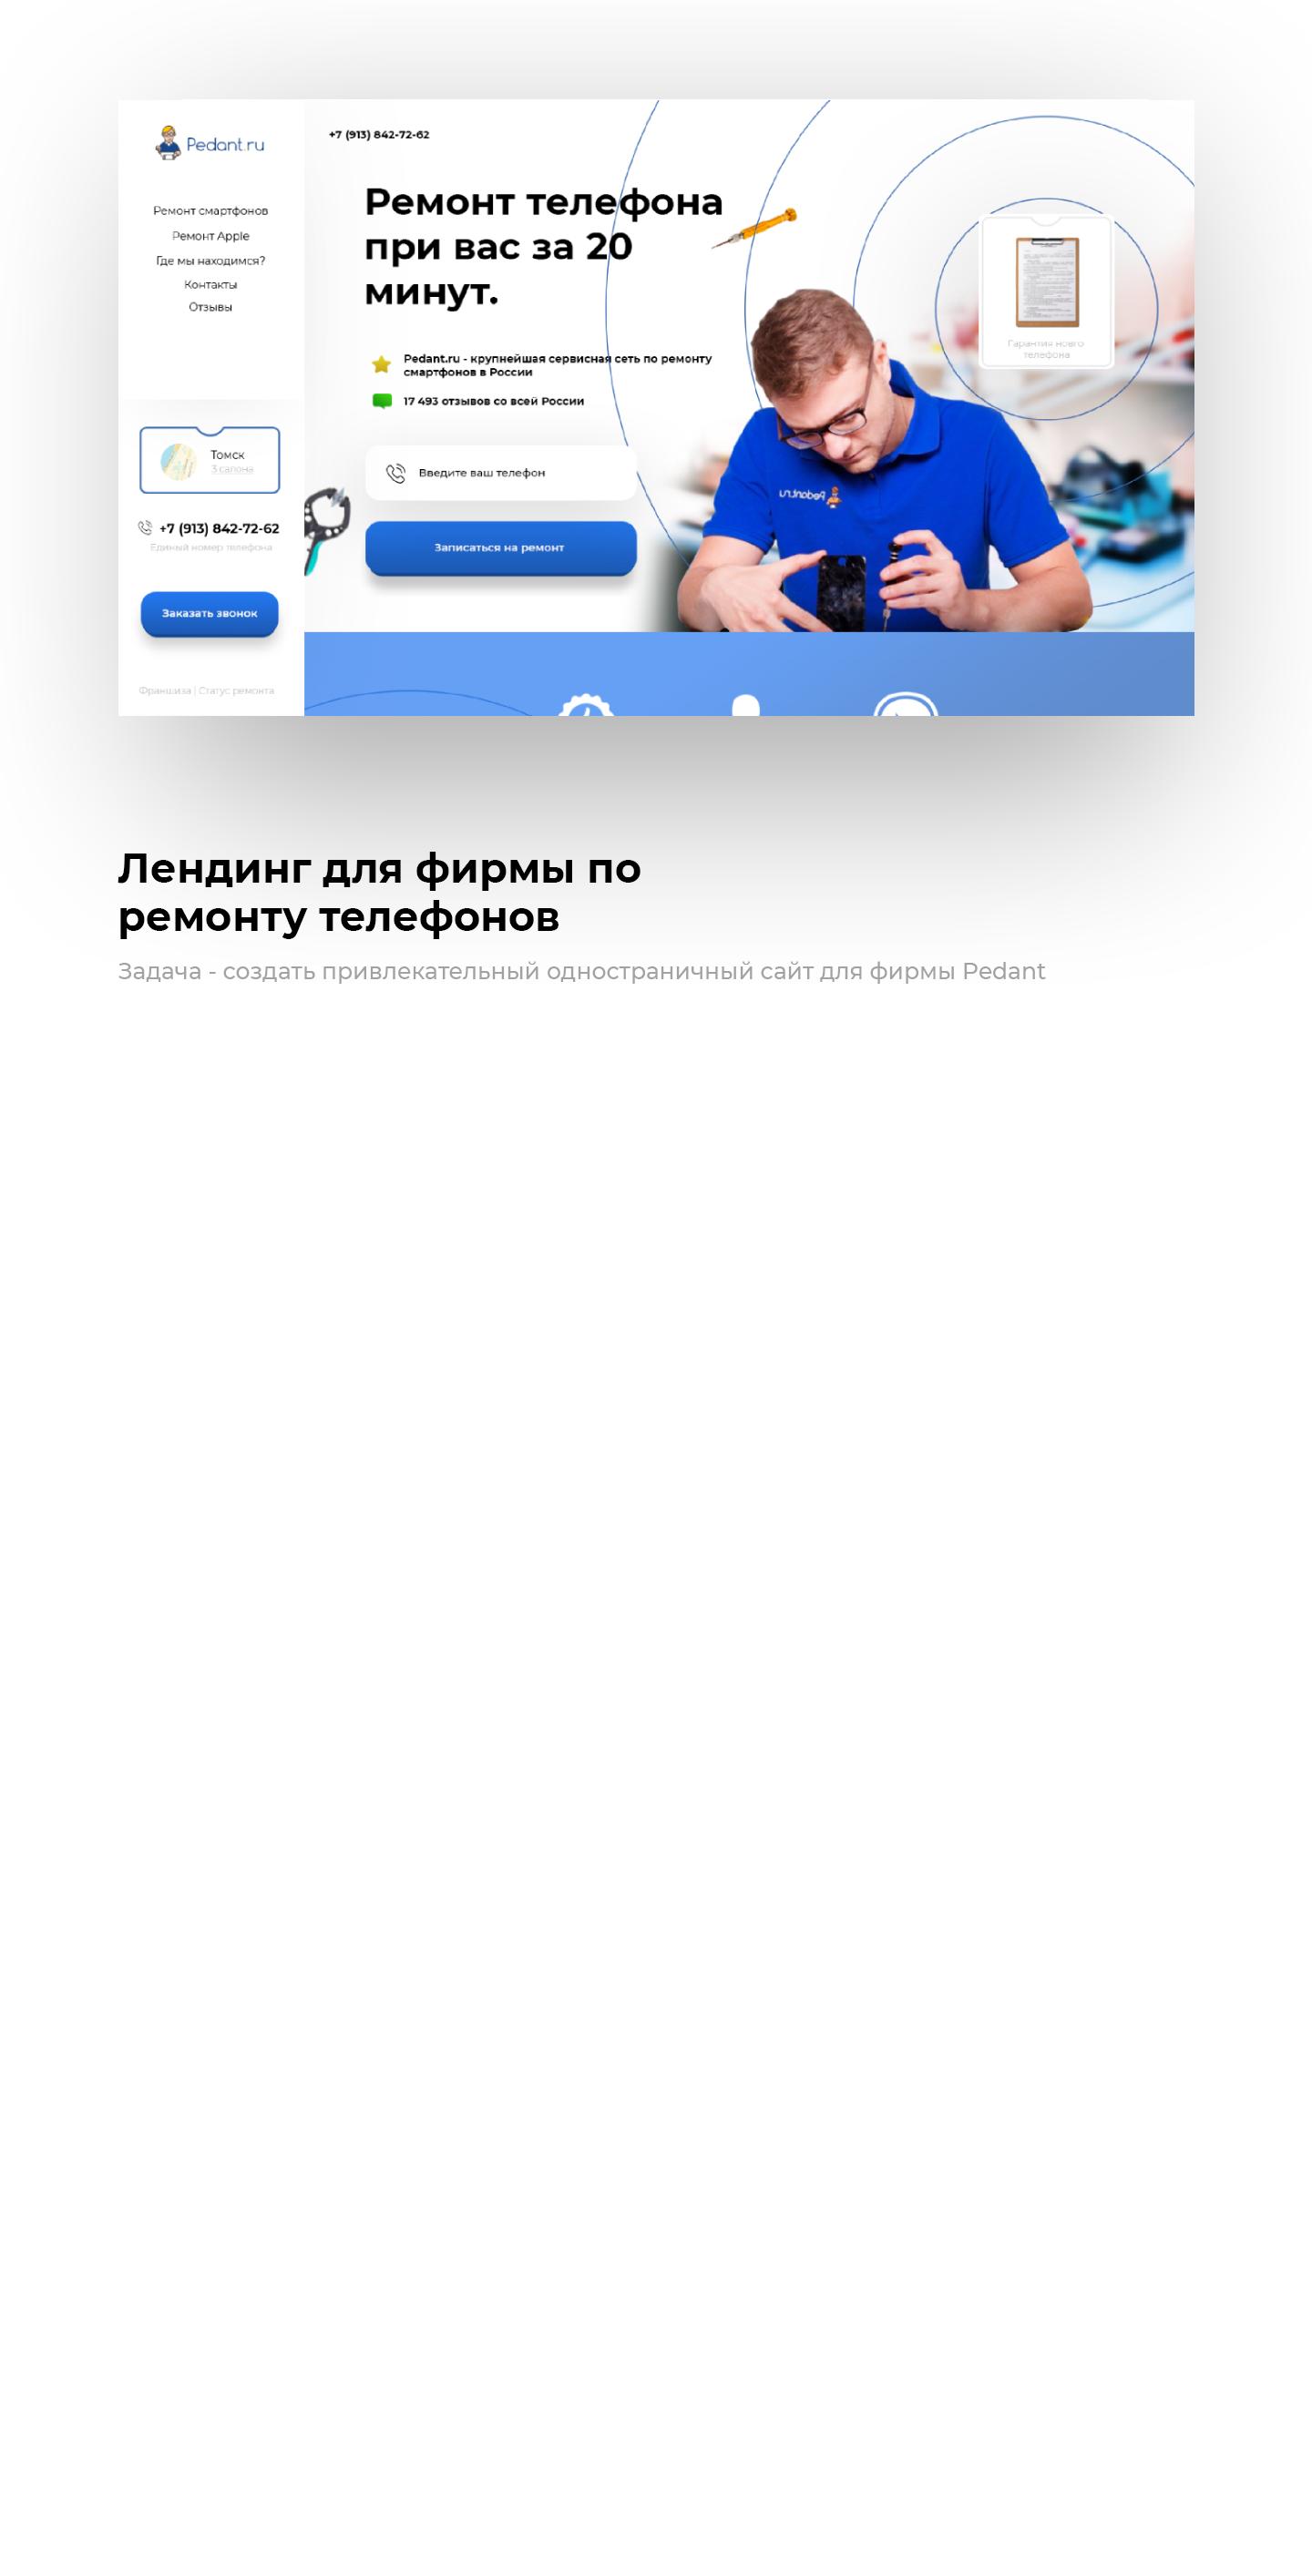 Ремонт телефонов | landing page